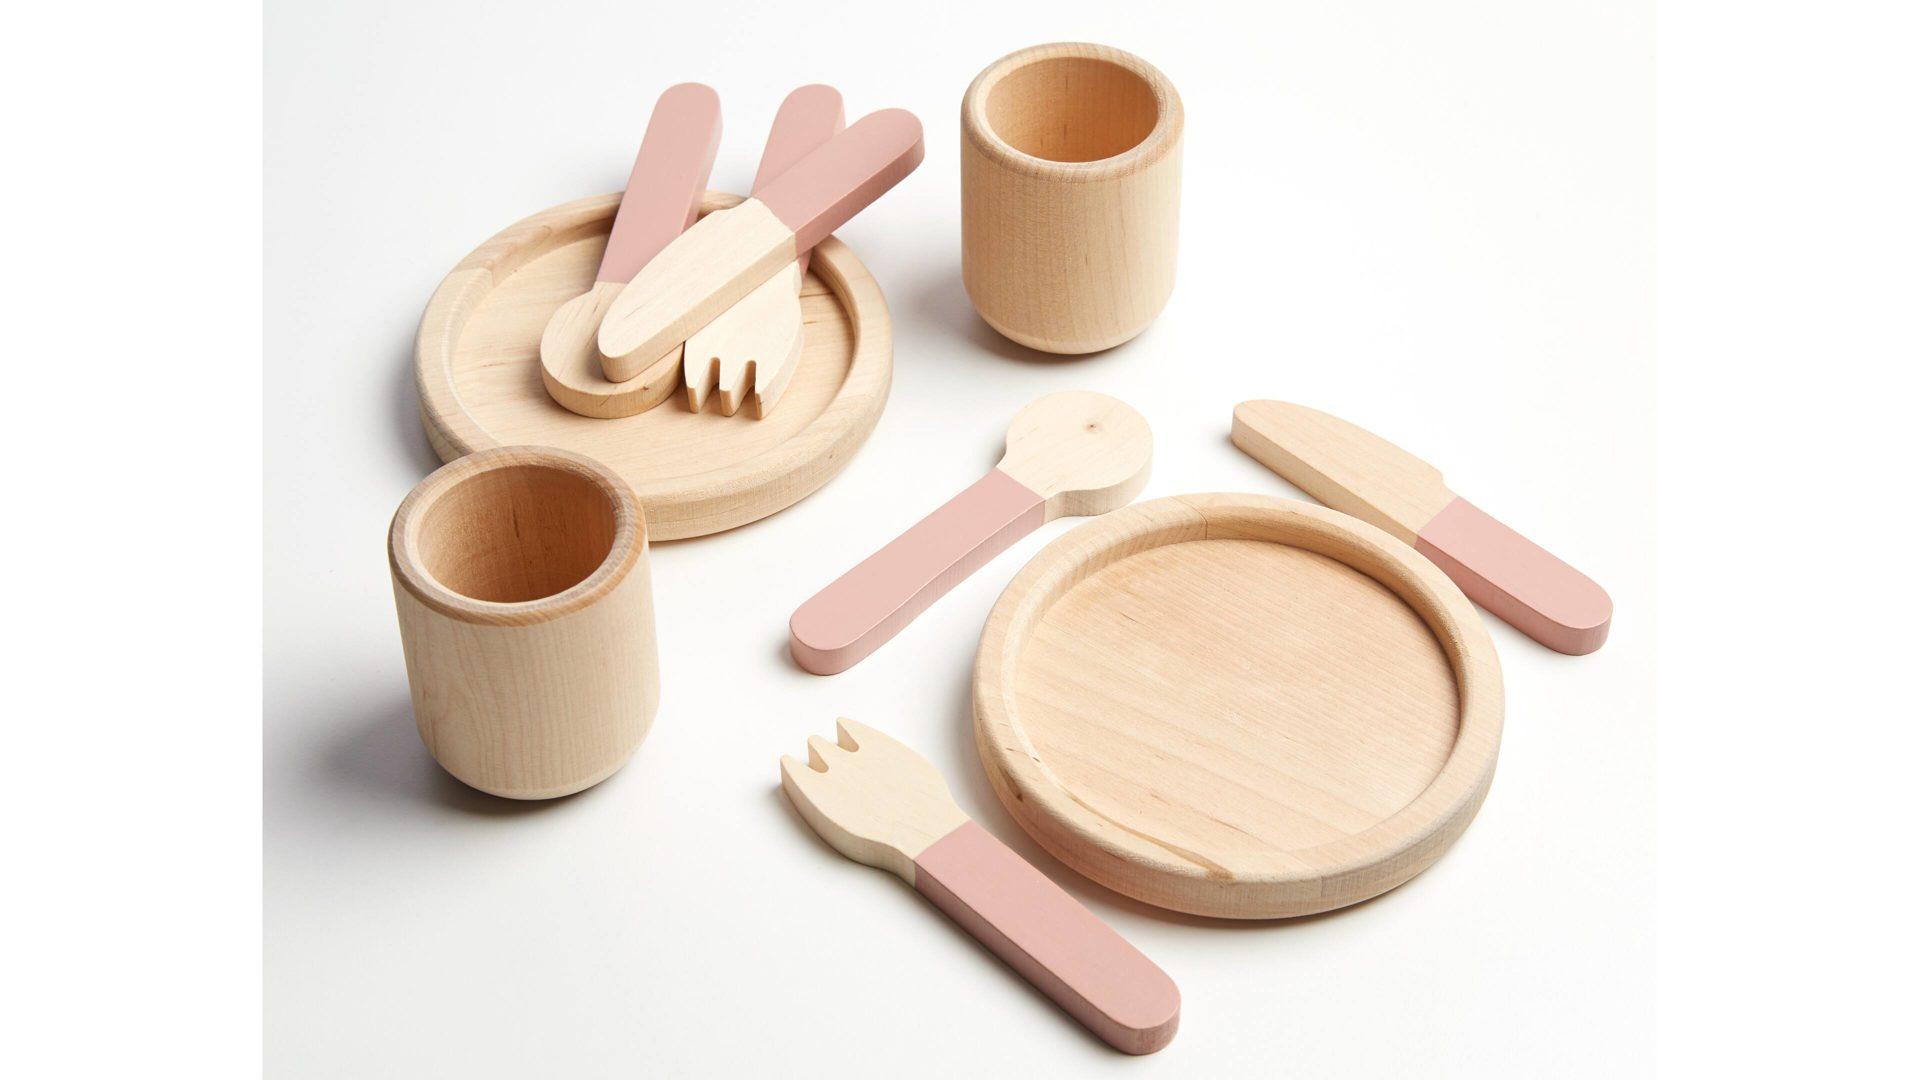 Ausgezeichnet Holz Kinder Küche Set Galerie - Küchen Ideen Modern ...